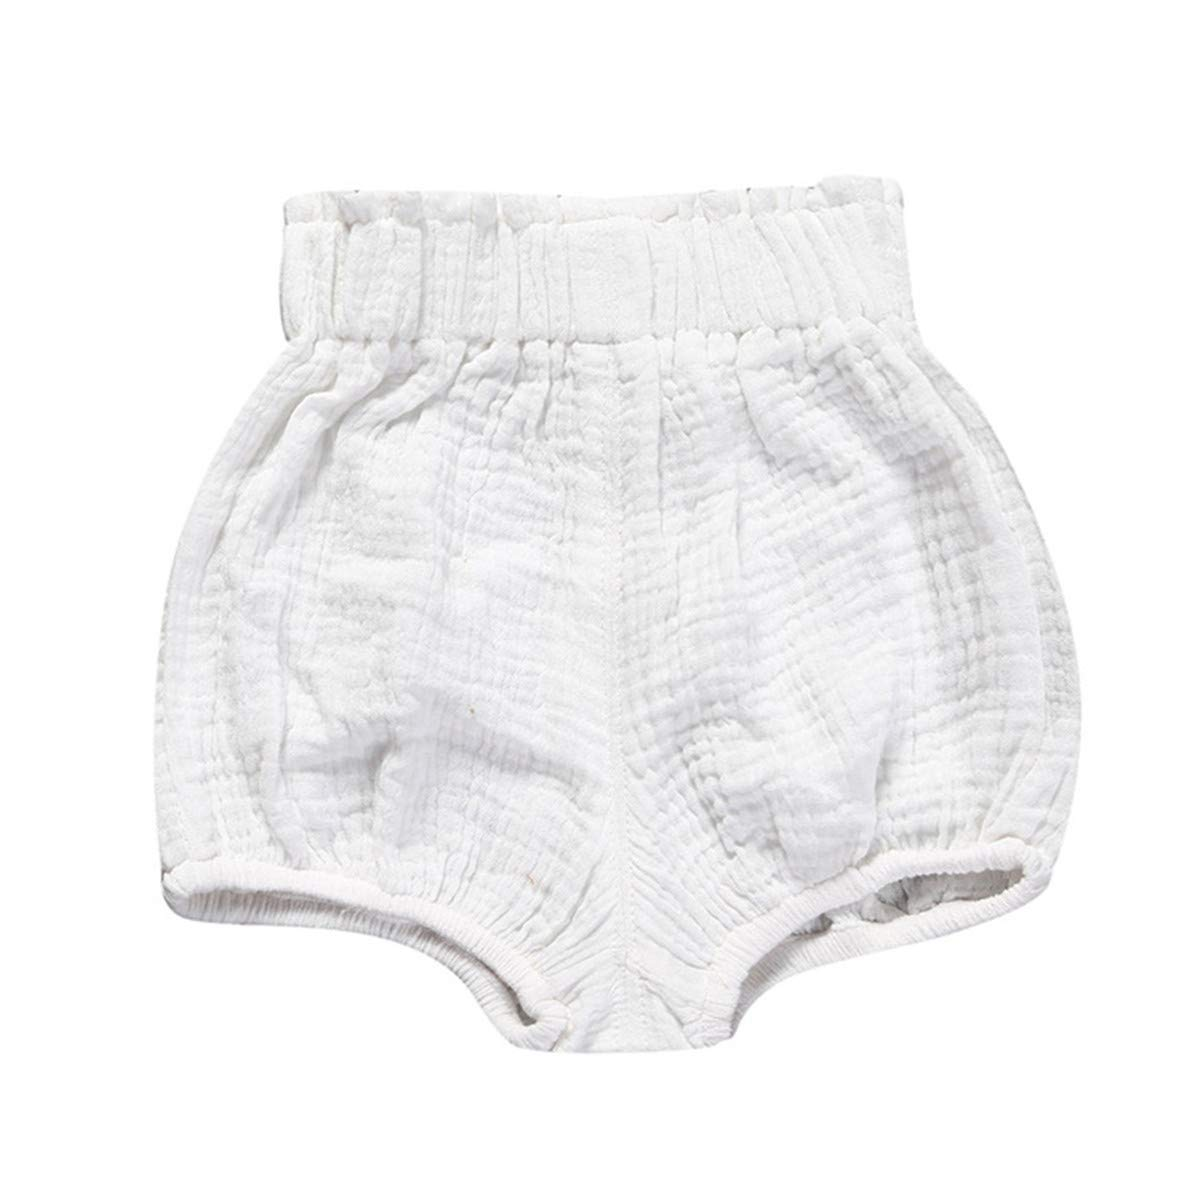 JELEUON 3 Pack of Little Baby Girls Boys Cotton Linen Blend Cute Bloomer Shorts